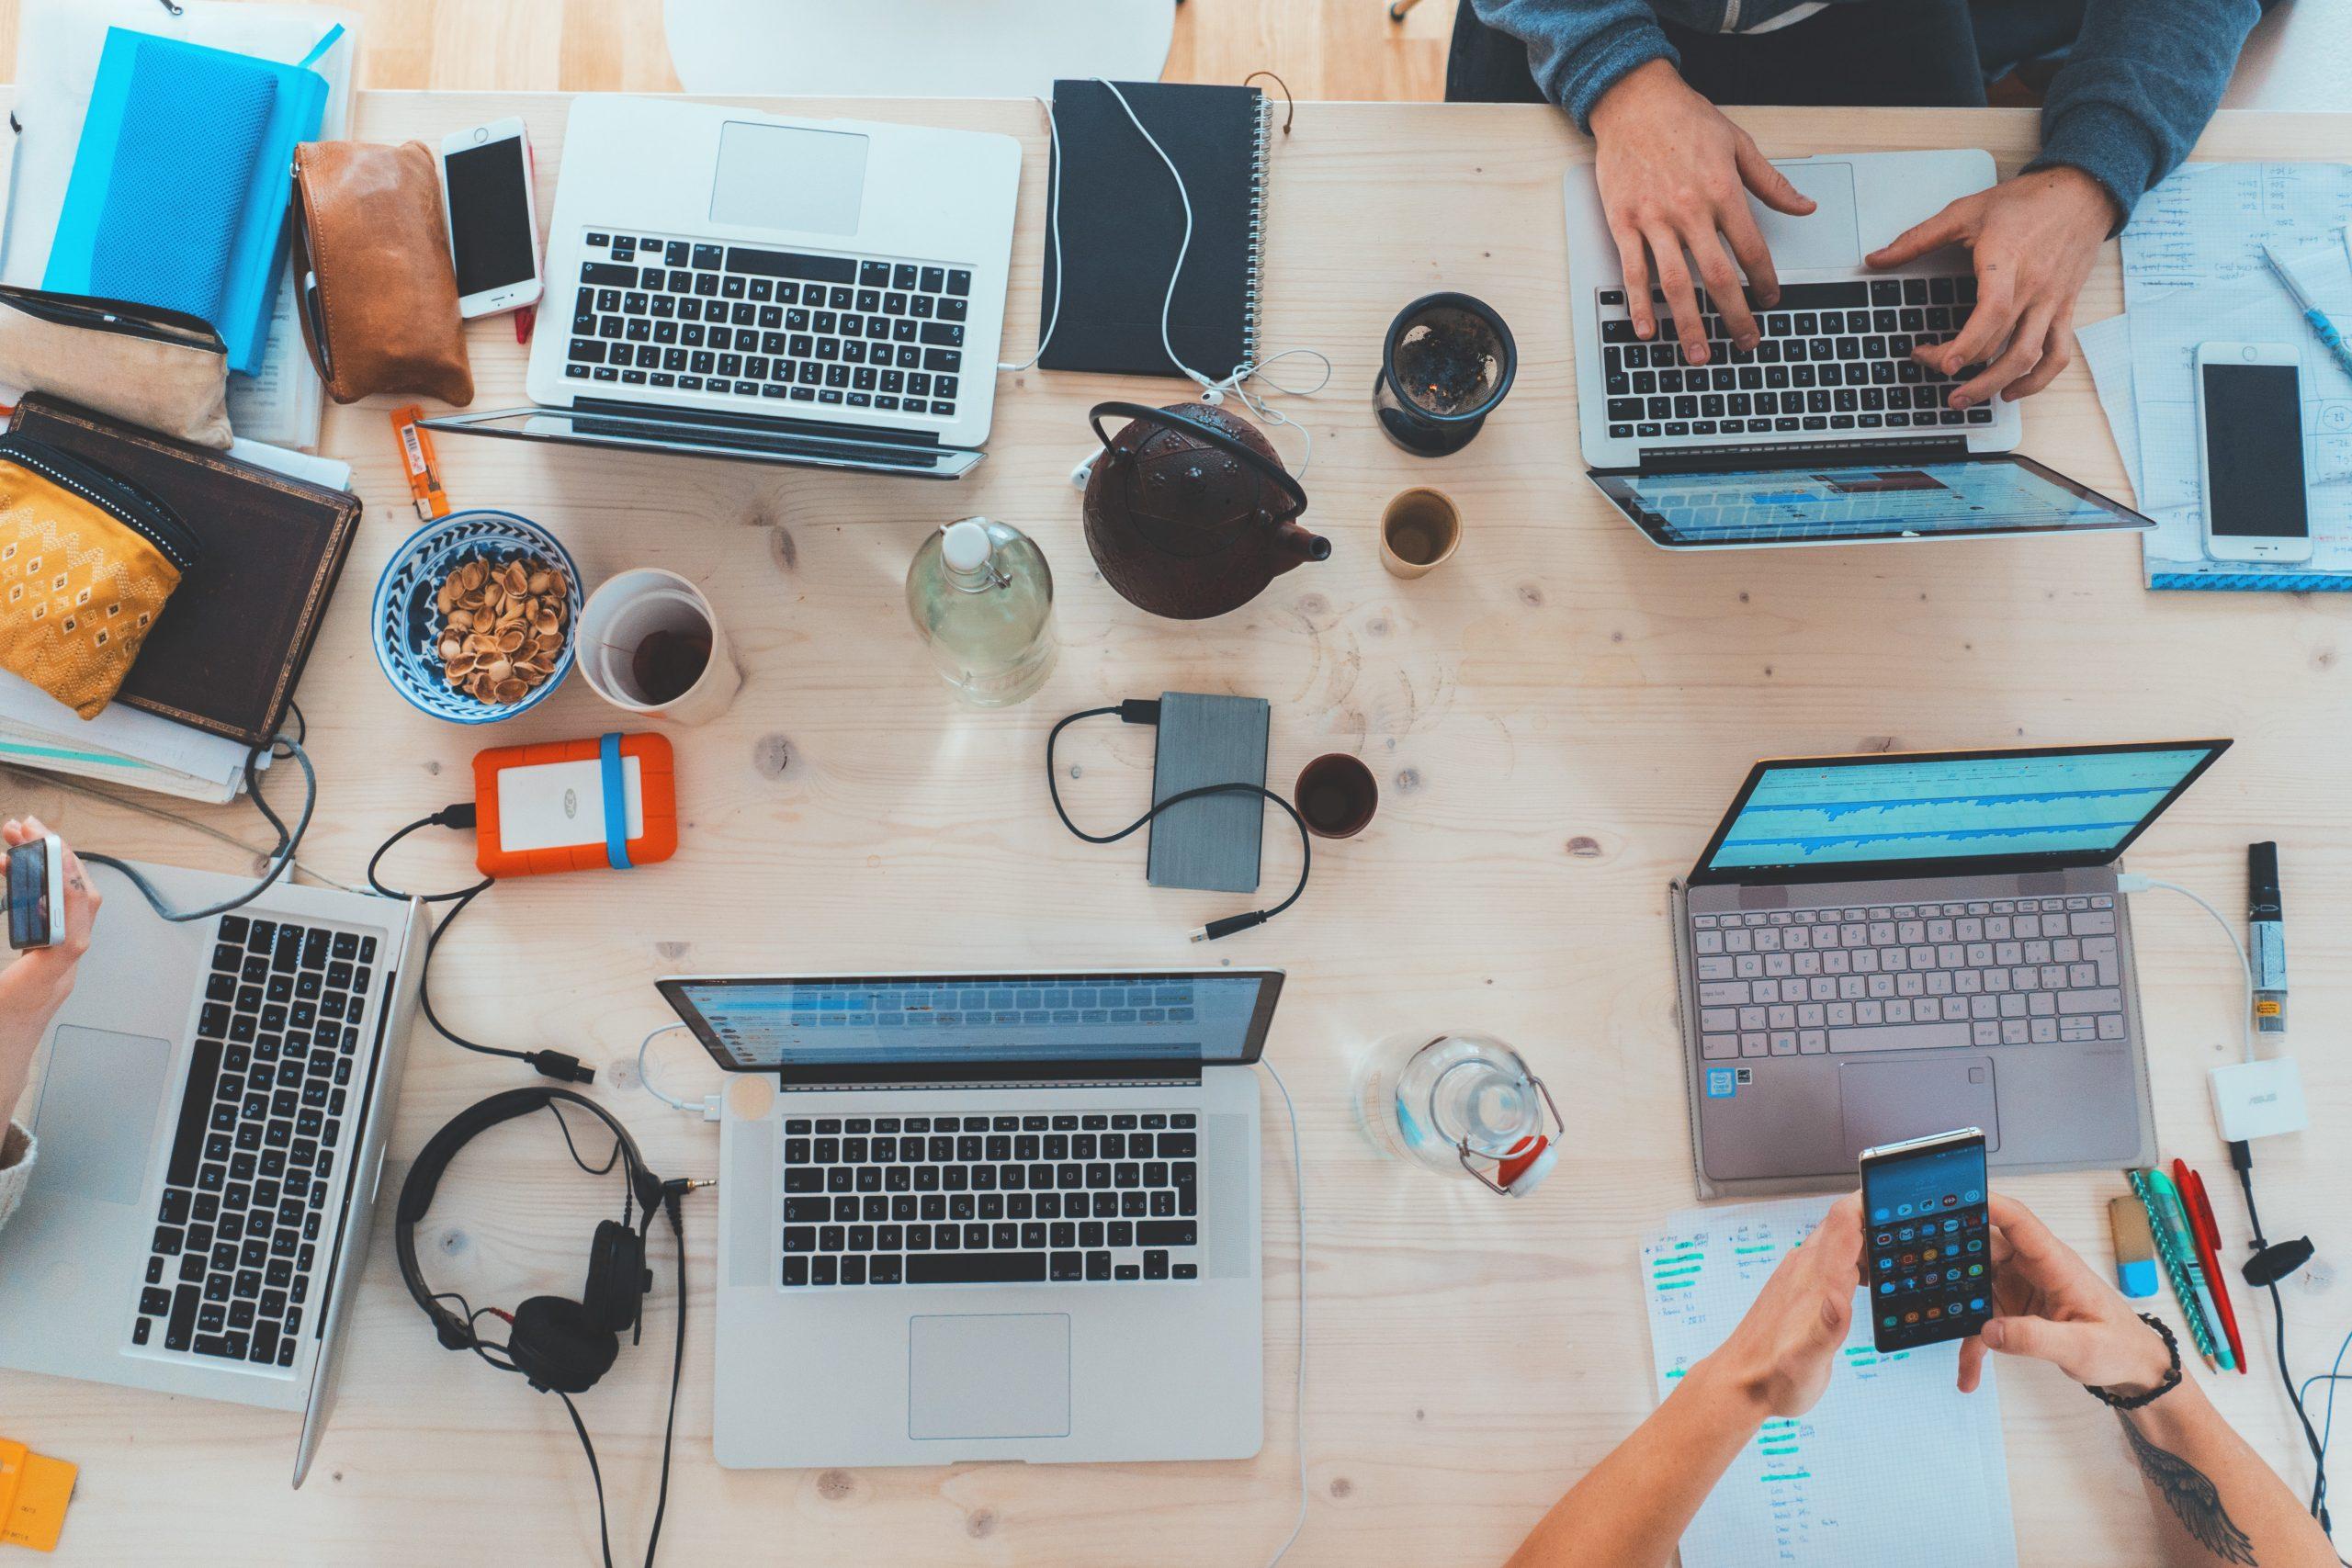 cum să faci bani folosind un laptop Opțiuni binare Lukomorye